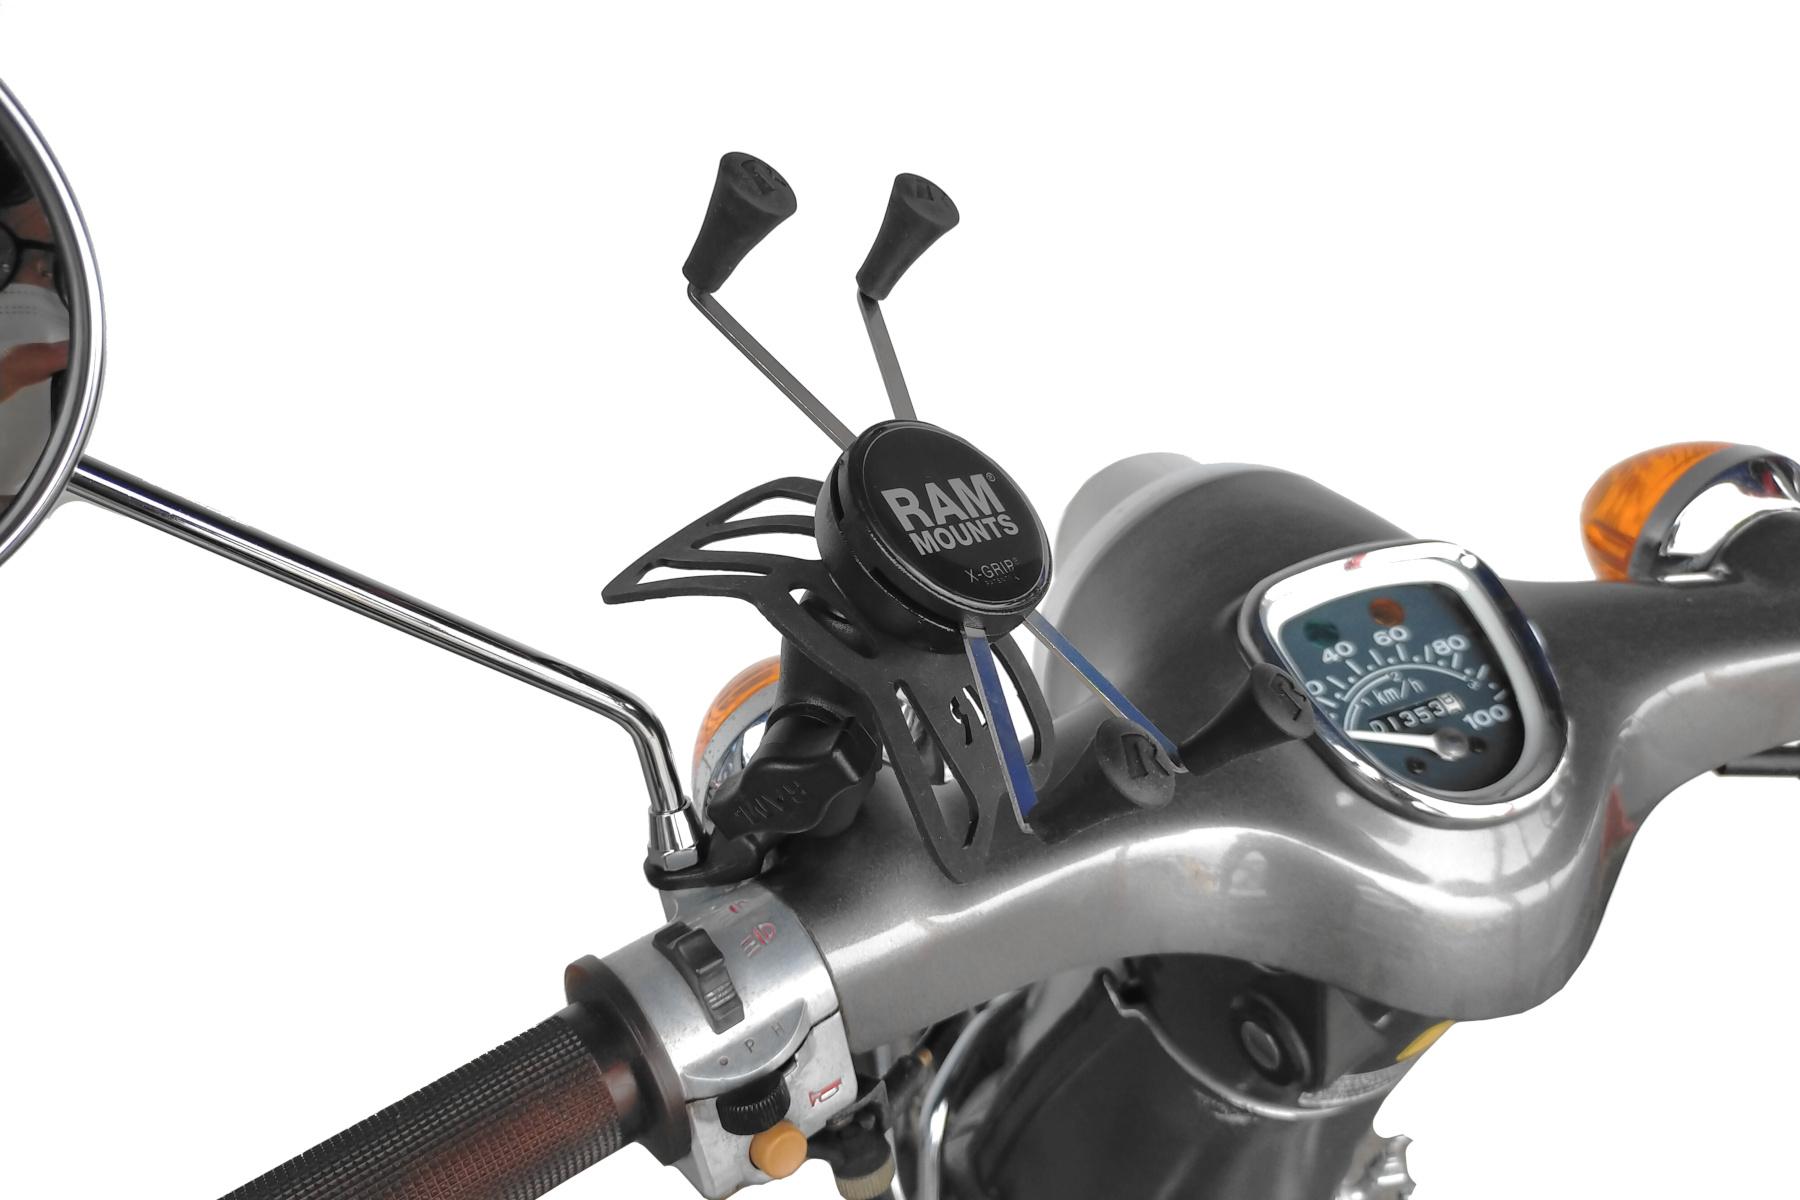 ラムマウント Xグリップ&ミラーフレームセット 9mm穴用 ファブレット用 ショートアーム 1インチボール RAM-PL3